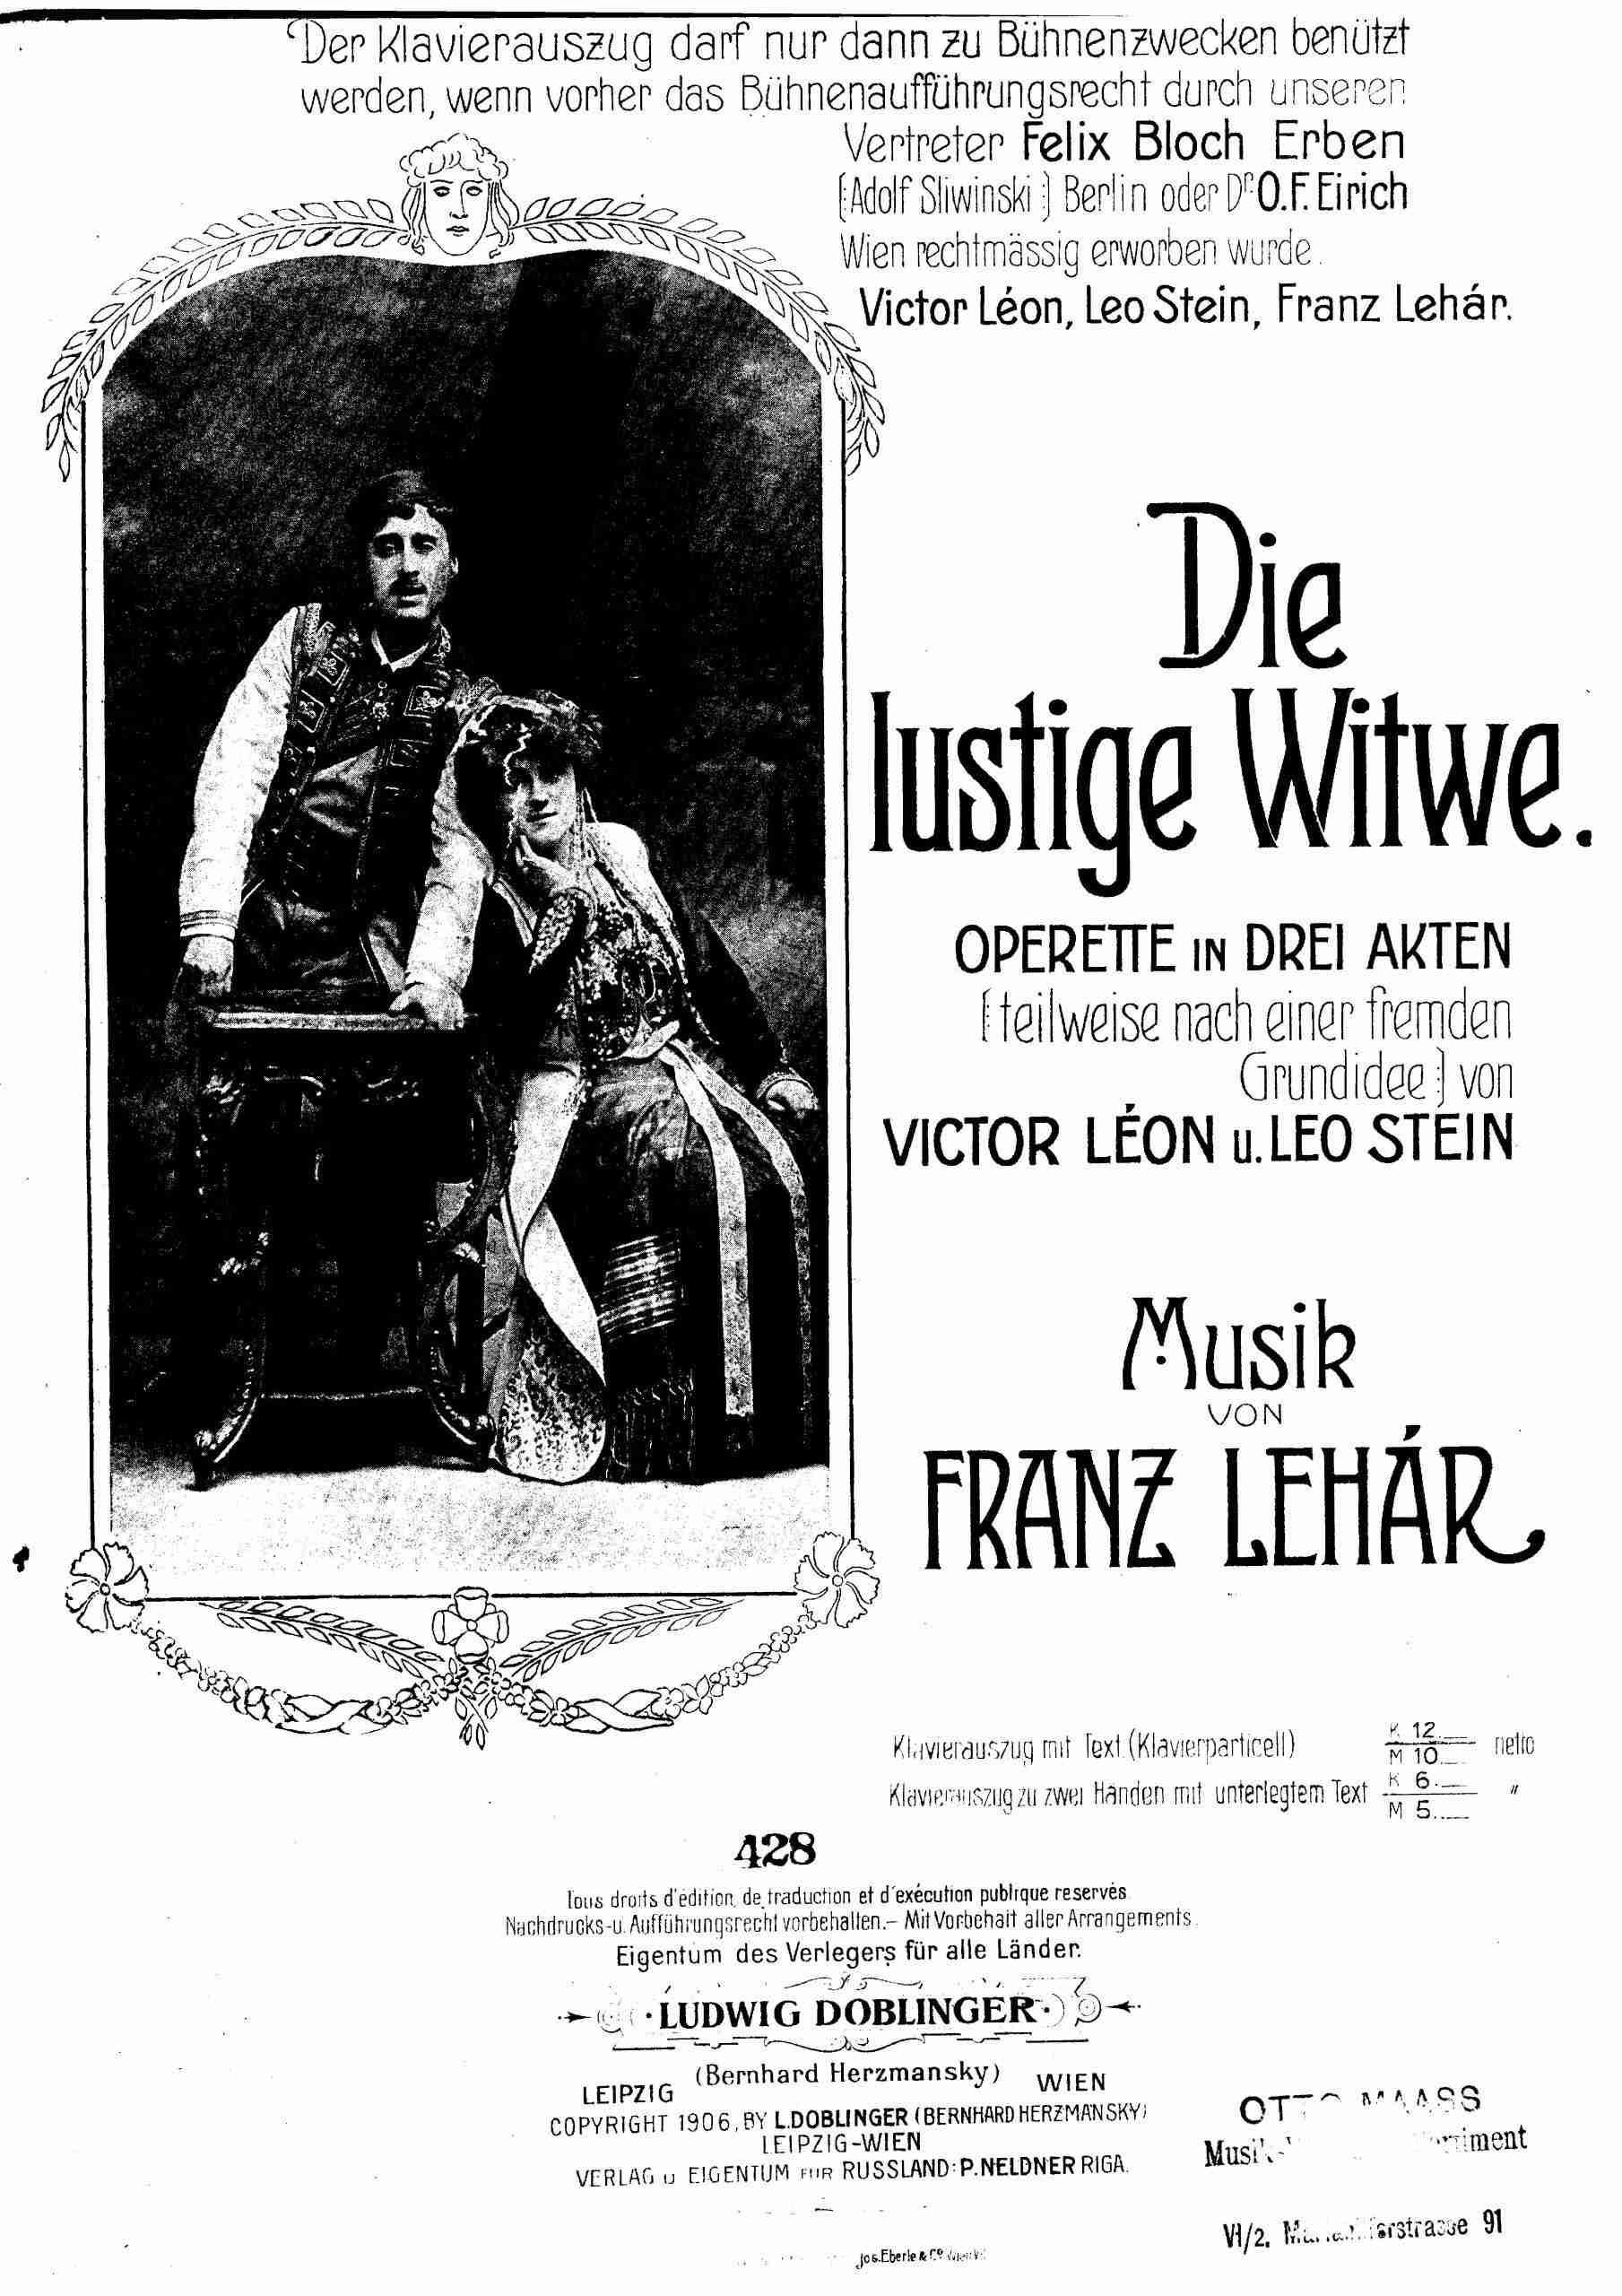 Lehár, Franz - Die lustige Witwe (Pno arr. Volk)